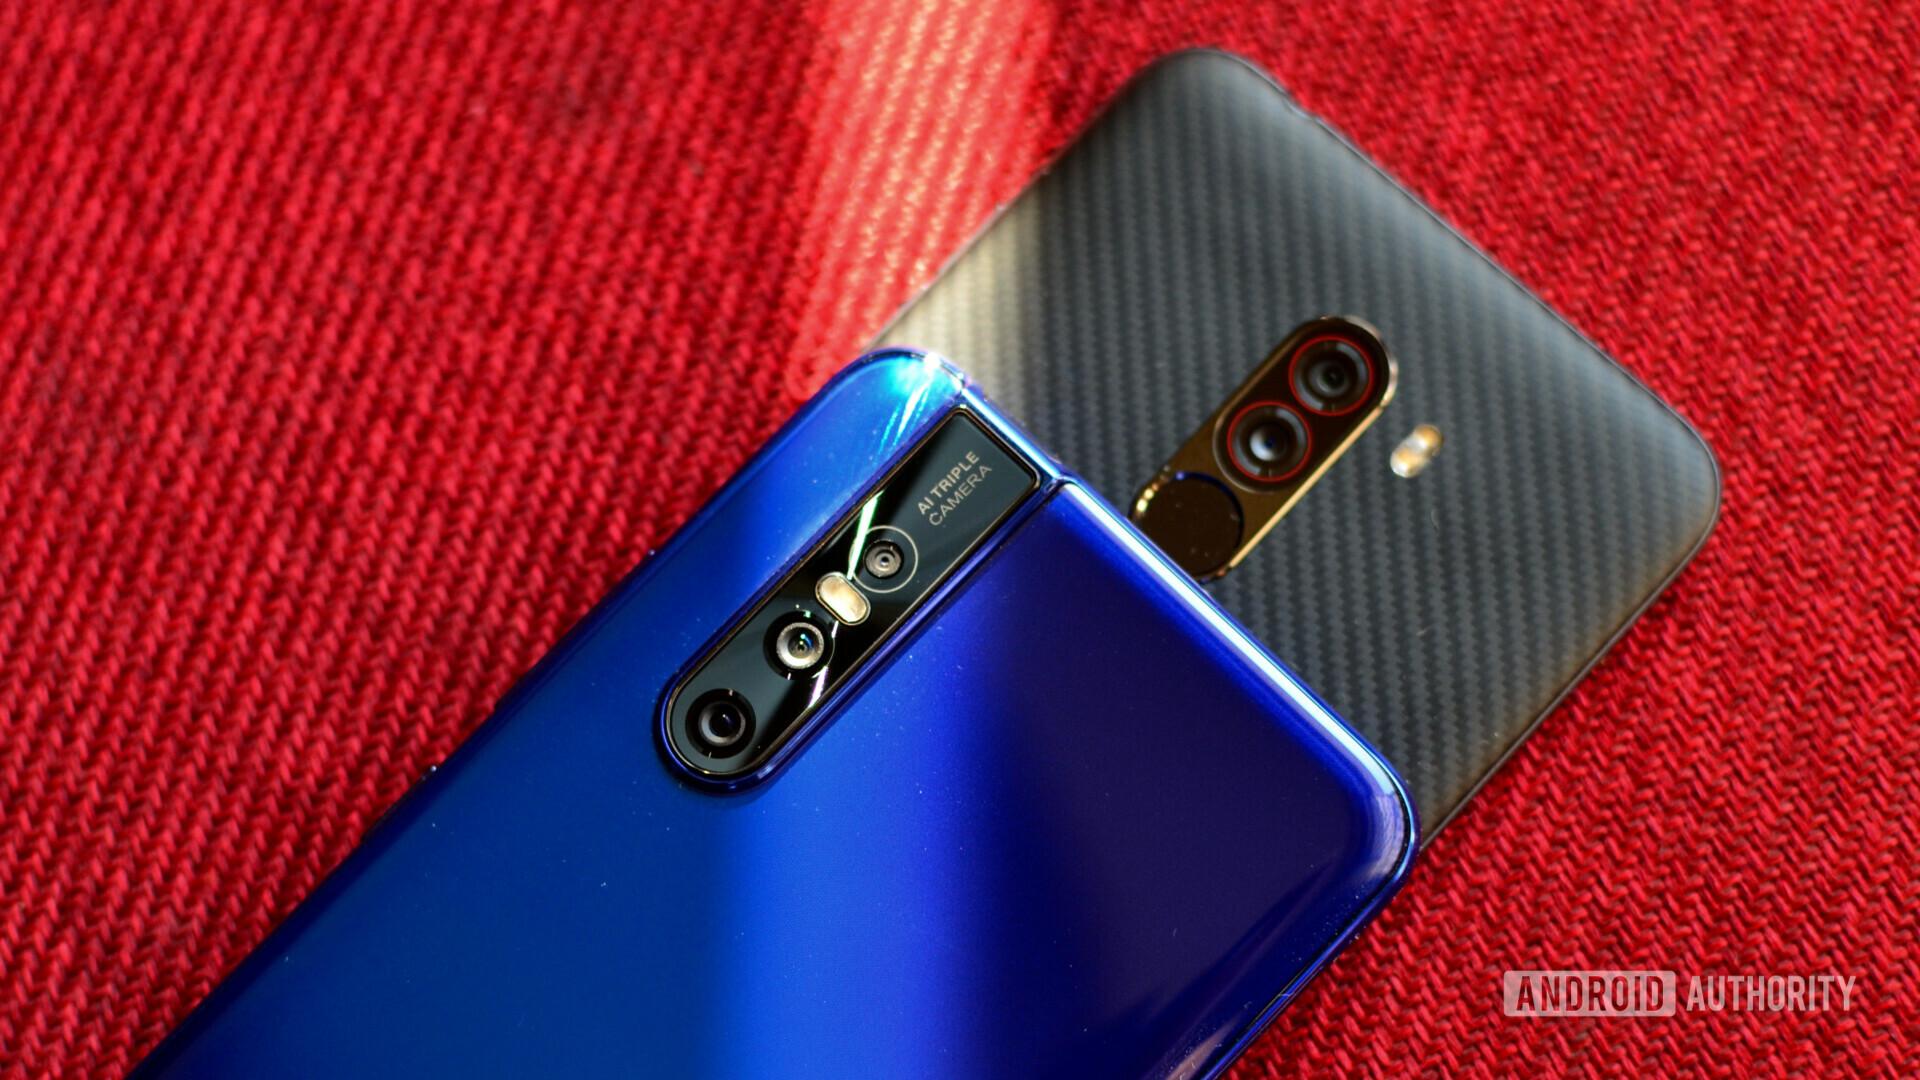 Vivo V15 Pro vs Pocophone F1: Beauty or the beast - Android